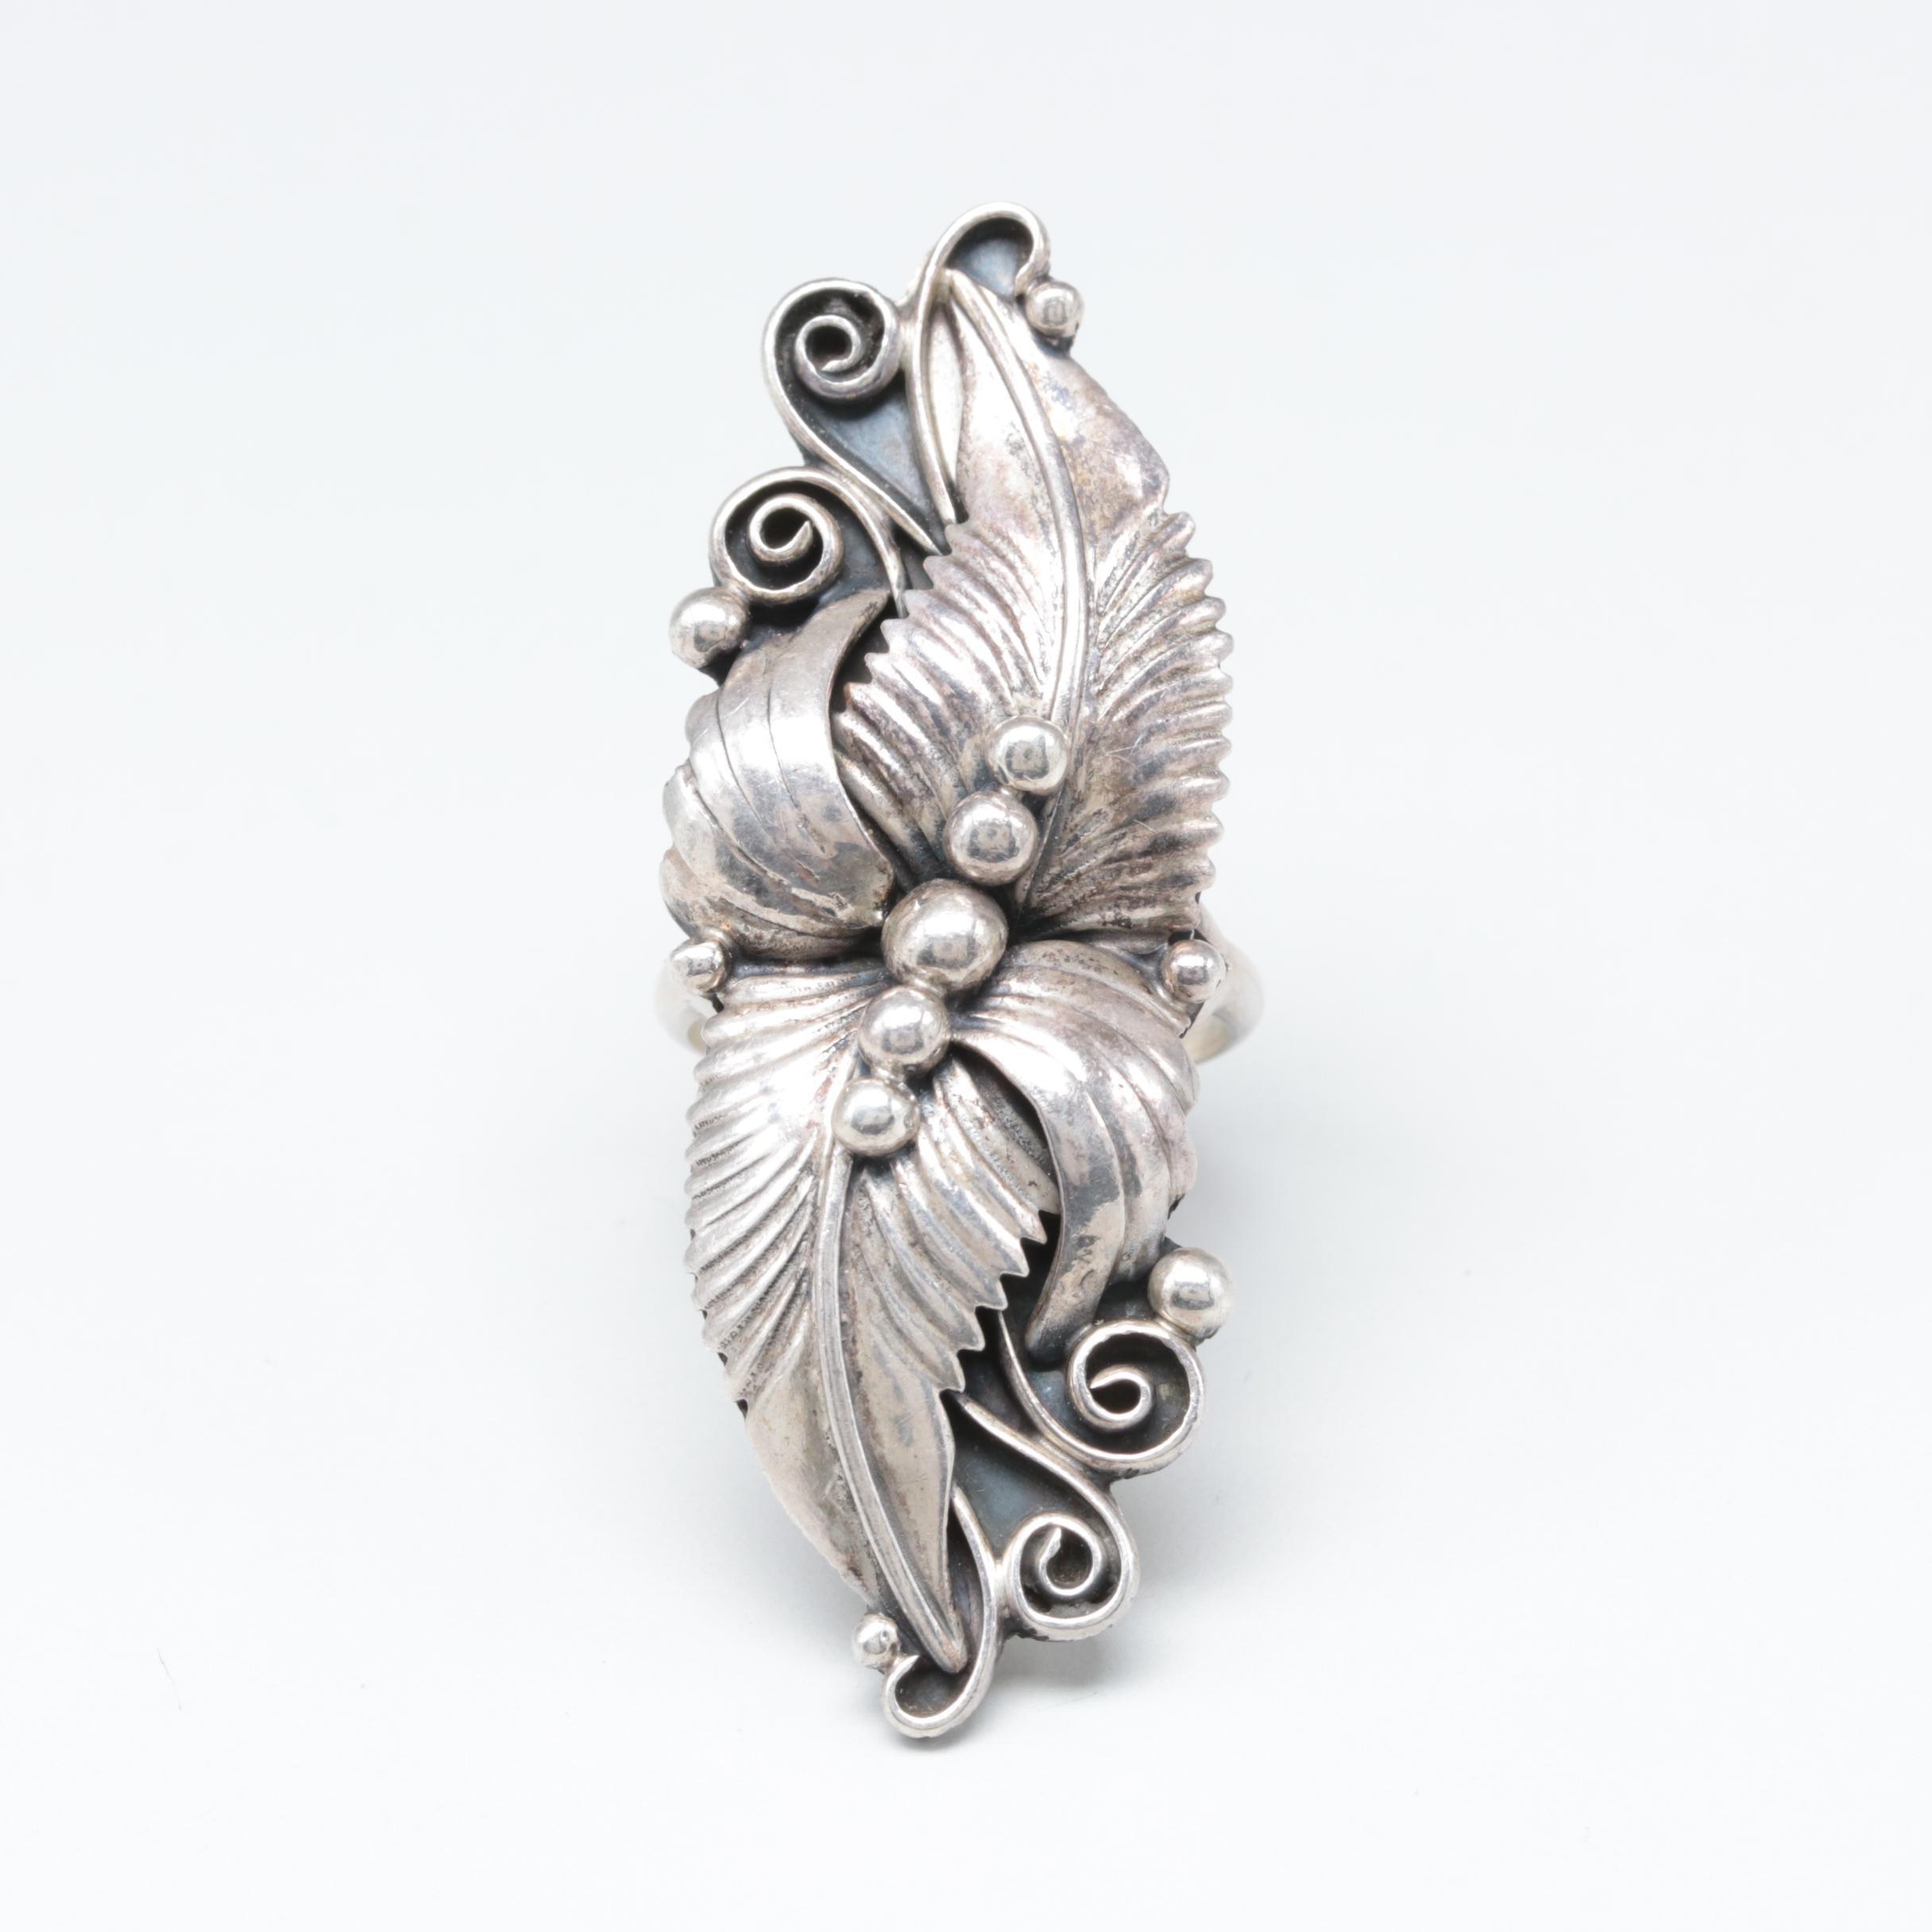 Vernon Begay Navajo Diné Sterling Silver Applique Ring